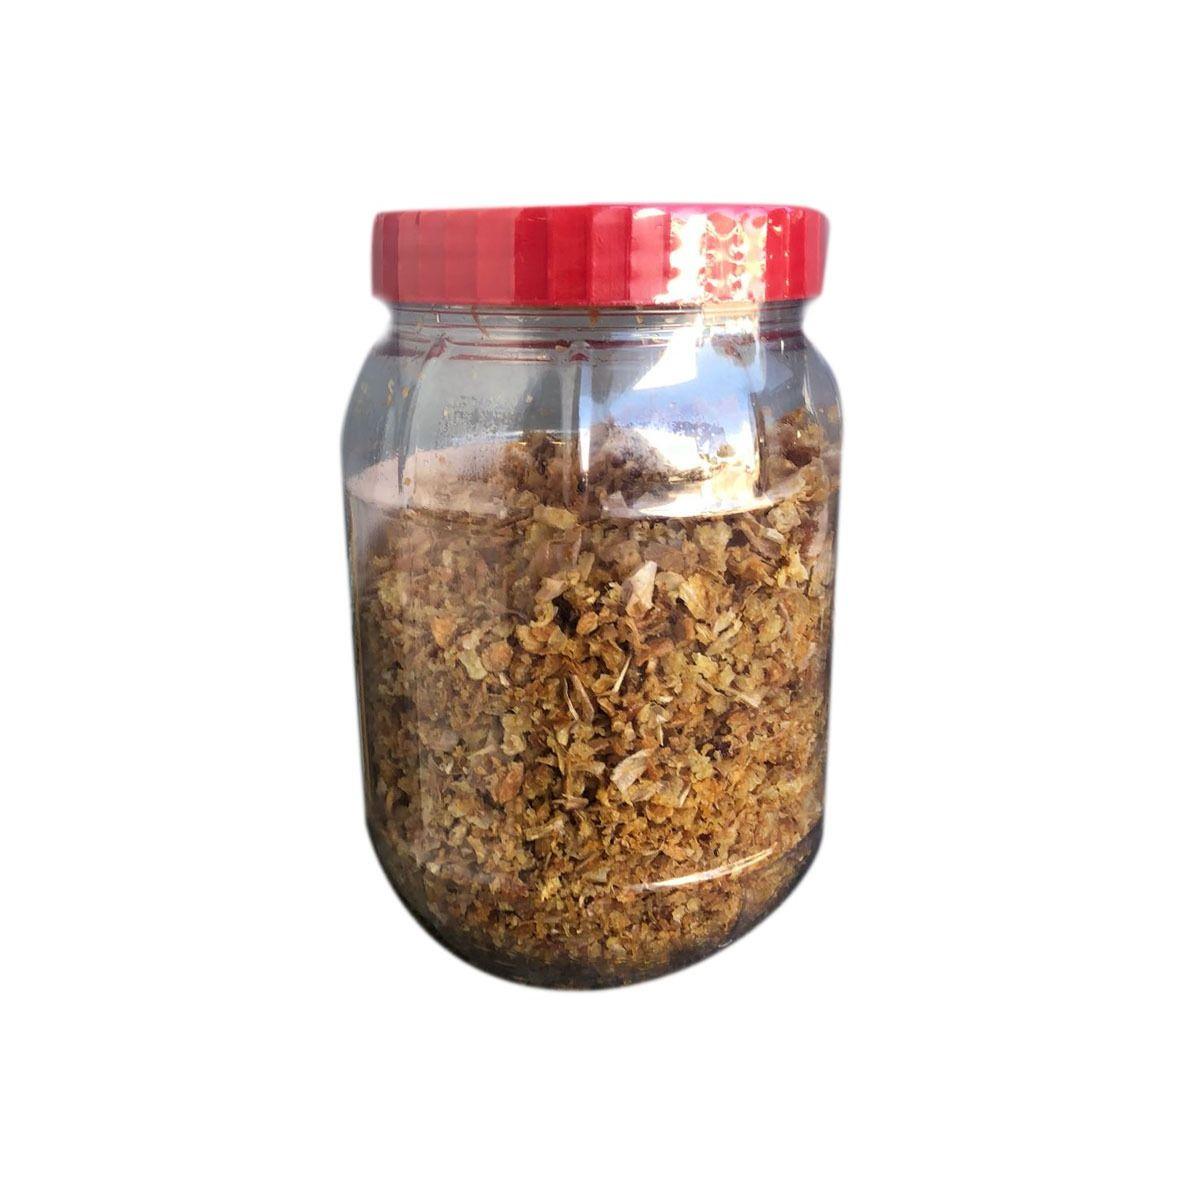 medium ocha fried garlic 8 oz CvPgH4w65g